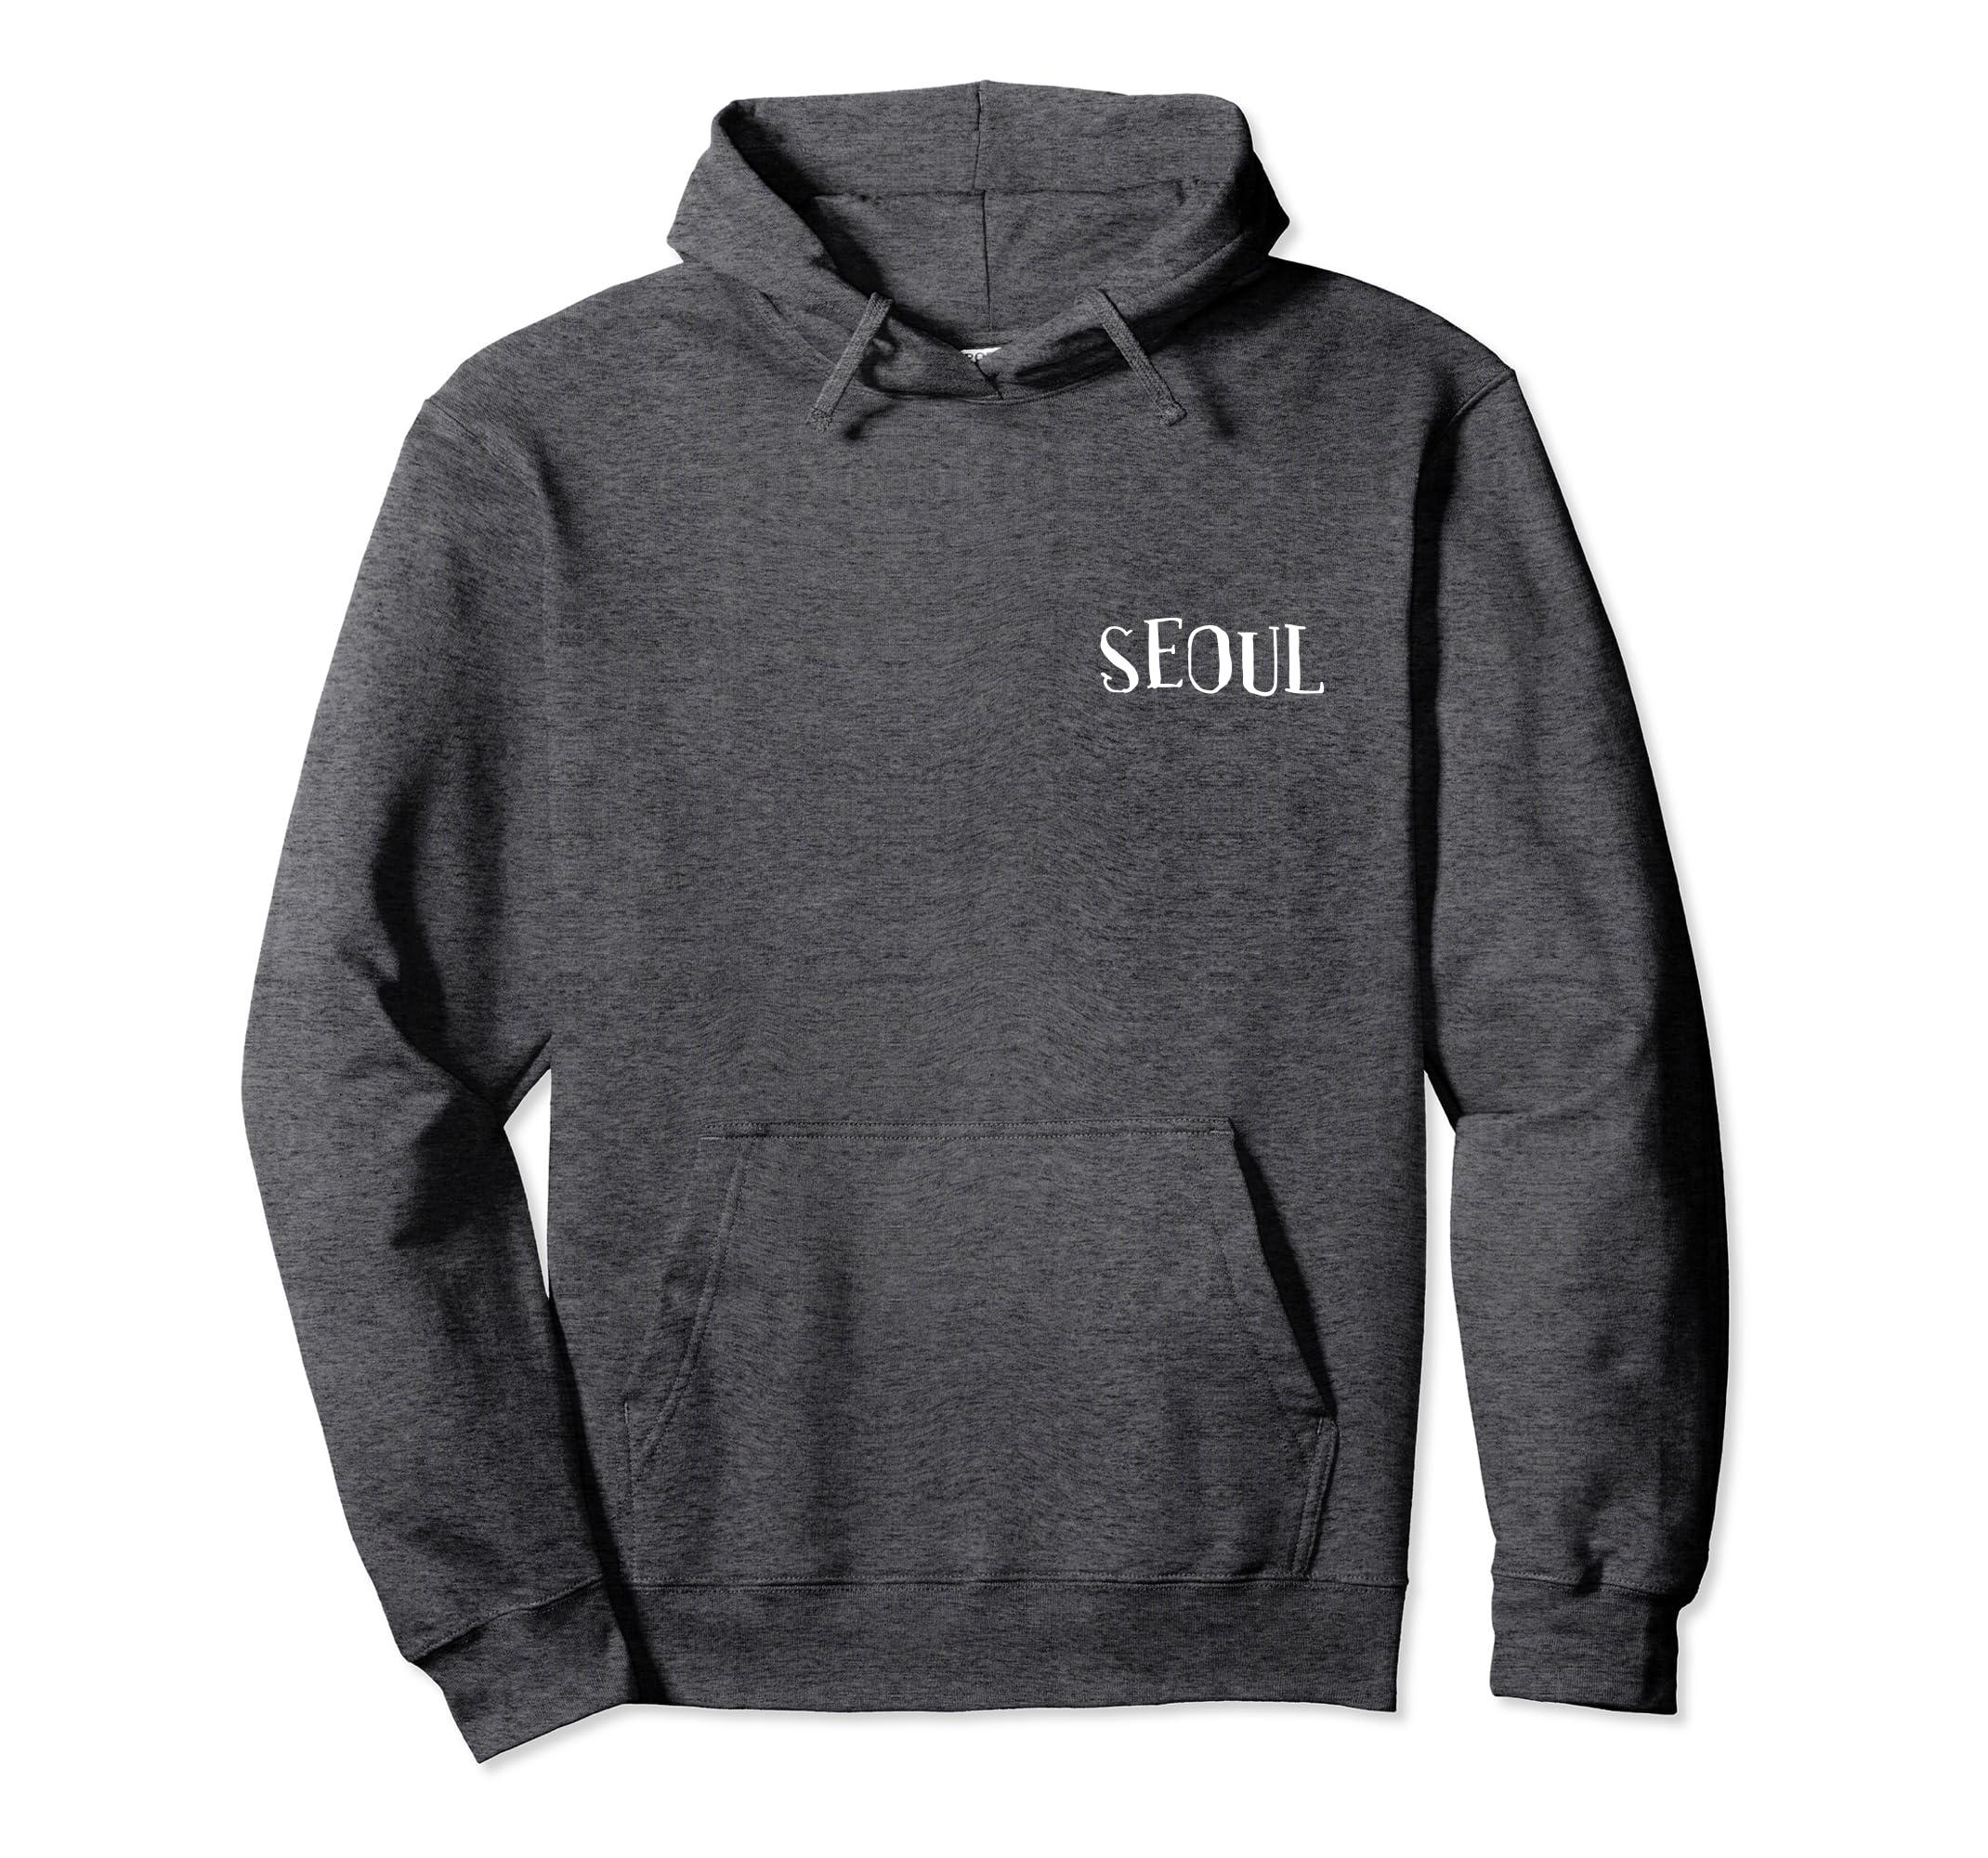 Amazon Kpop Sweatshirt Jungkook Seoul Fan Merchandise Gift Clothing